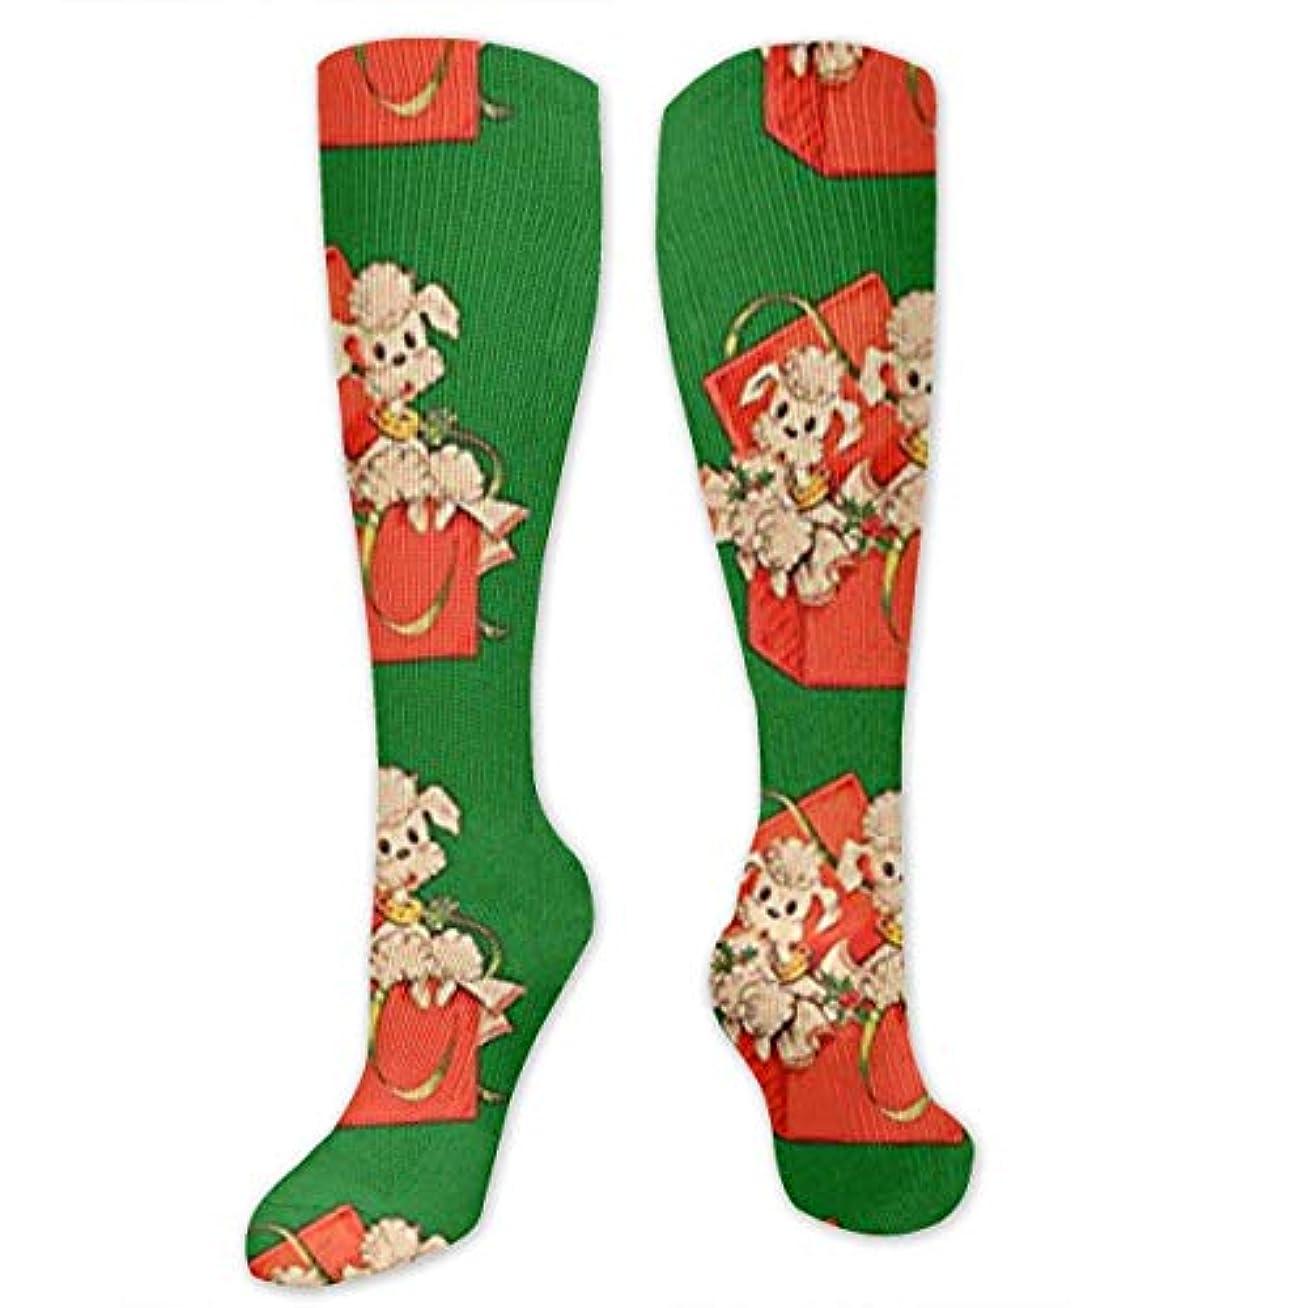 汚れた舞い上がるパニック靴下,ストッキング,野生のジョーカー,実際,秋の本質,冬必須,サマーウェア&RBXAA Poodles Socks Women's Winter Cotton Long Tube Socks Knee High Graduated...